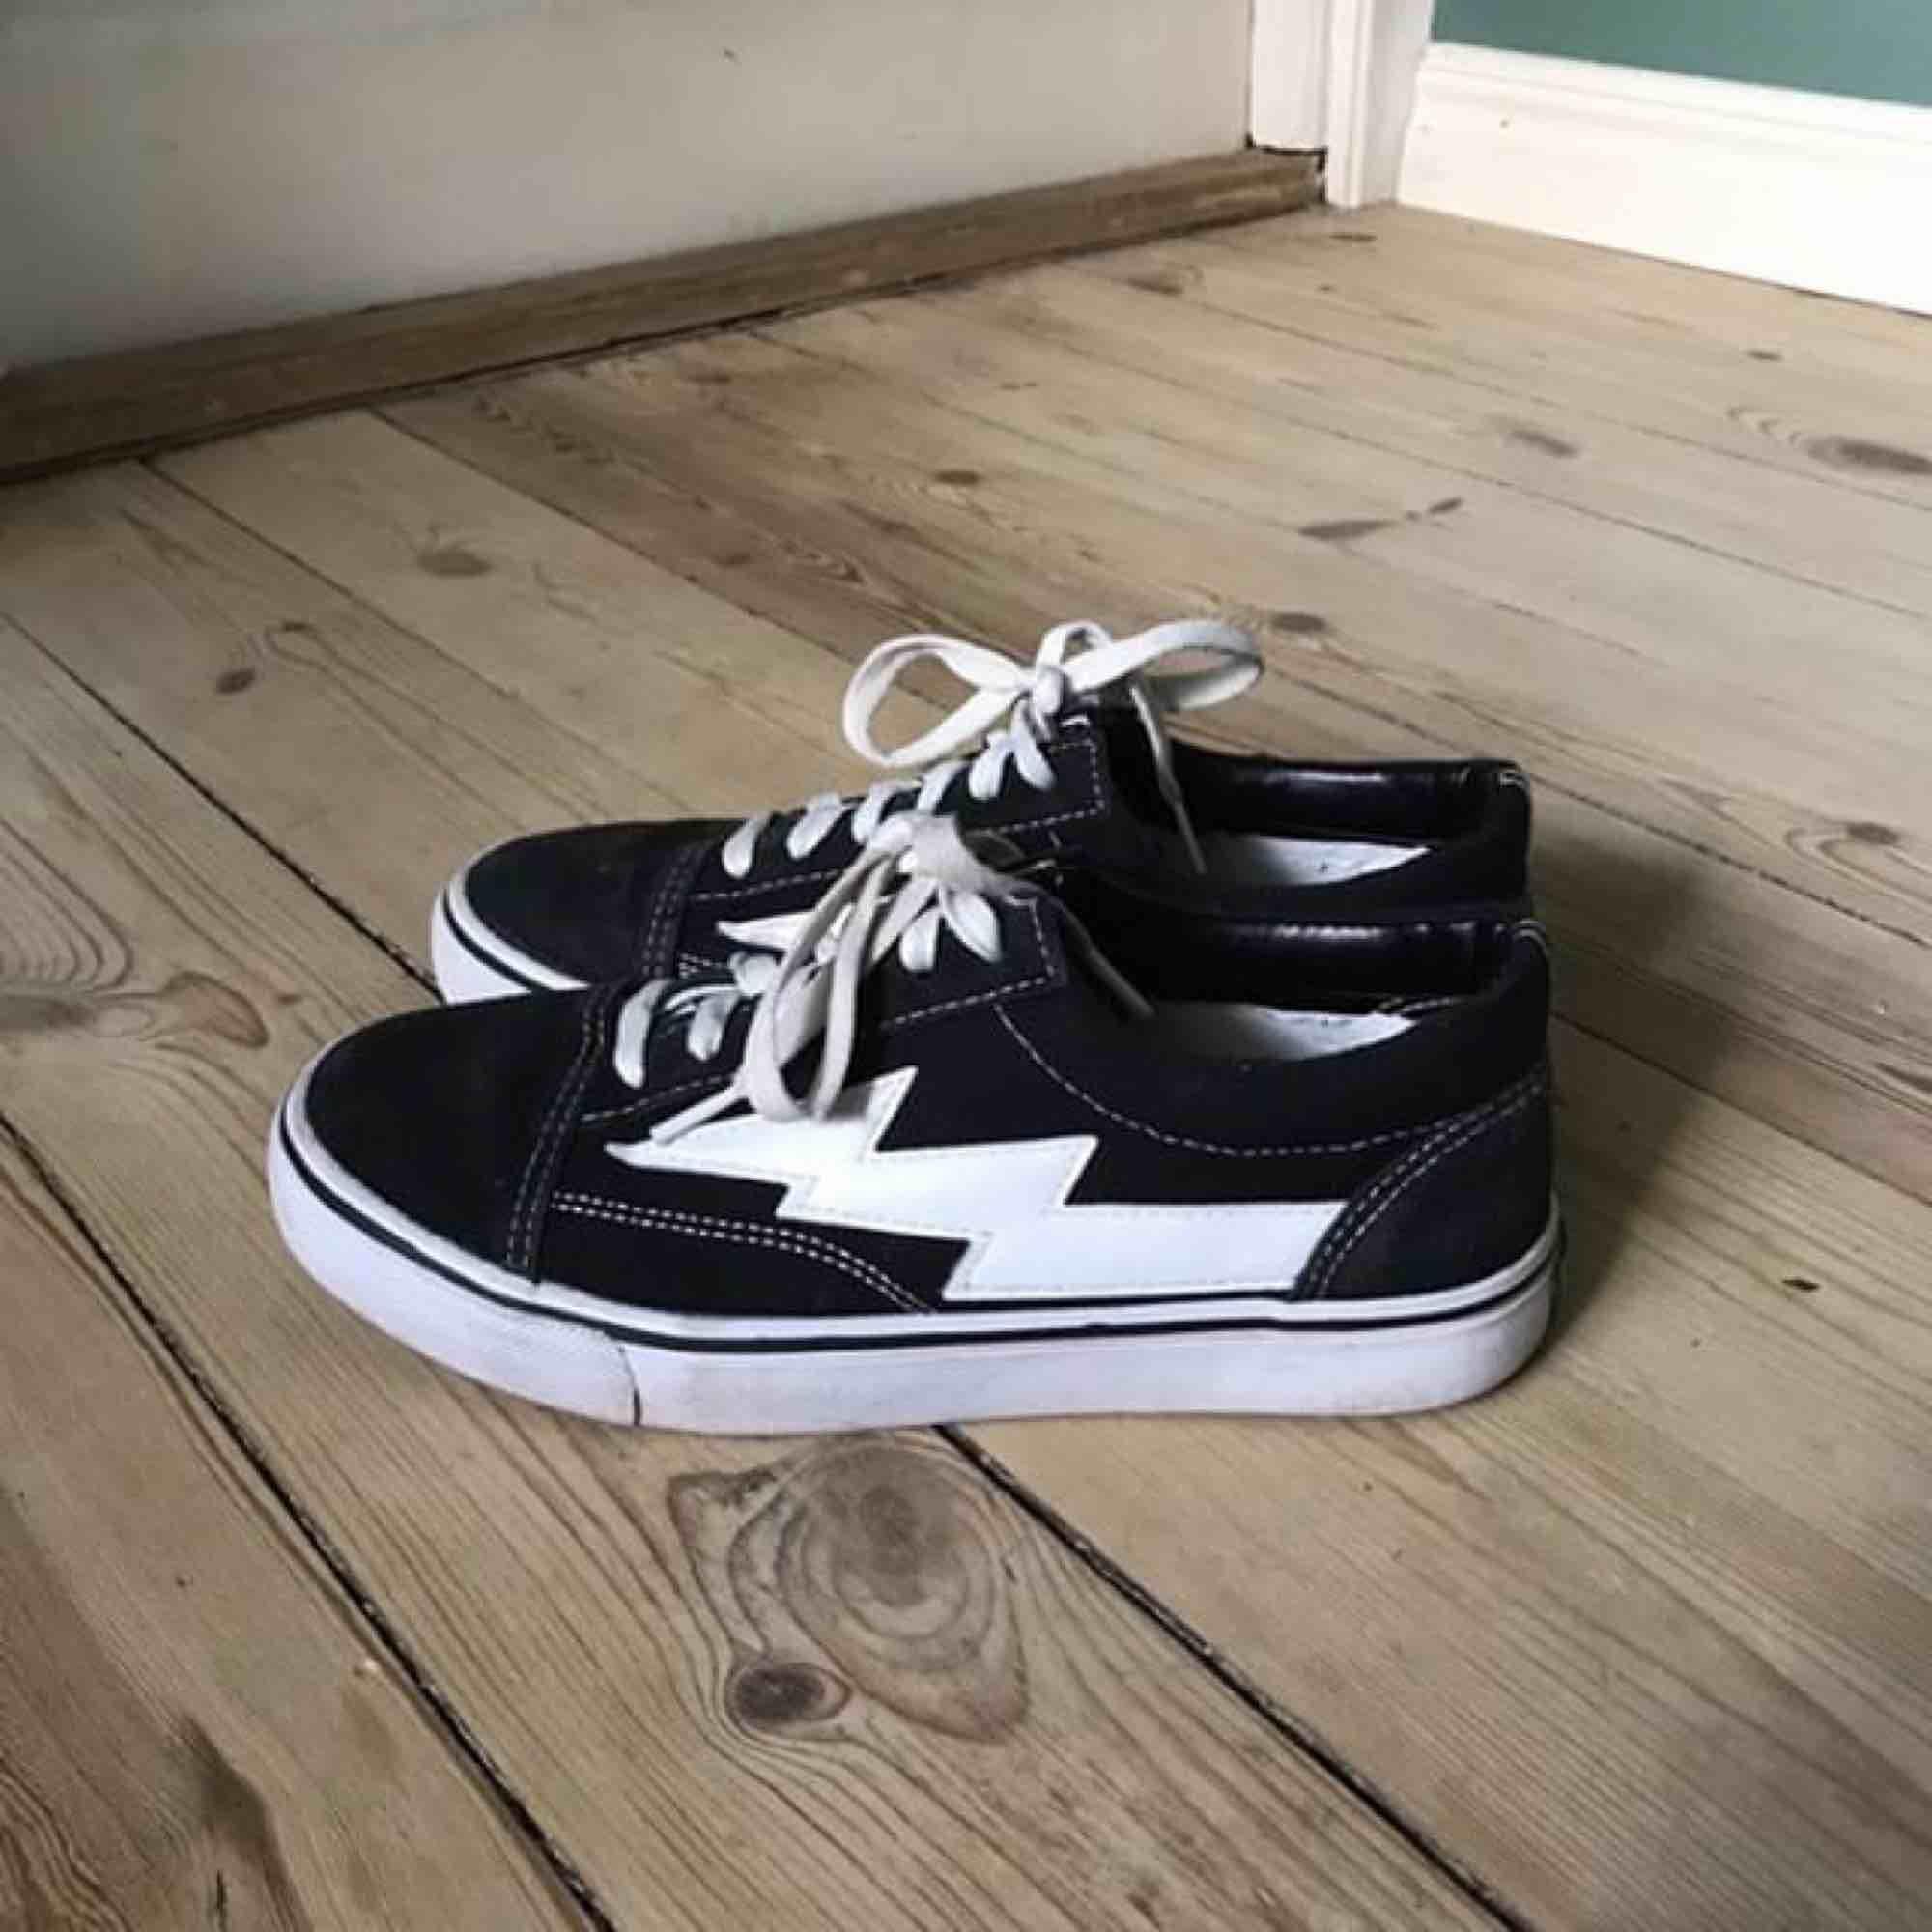 Säljer mina gamla revenge x storm skor (inte äkta). Är använda men är i mycket bra skick, kan mötas i Sthlm eller skicka 👼🏼. Skor.